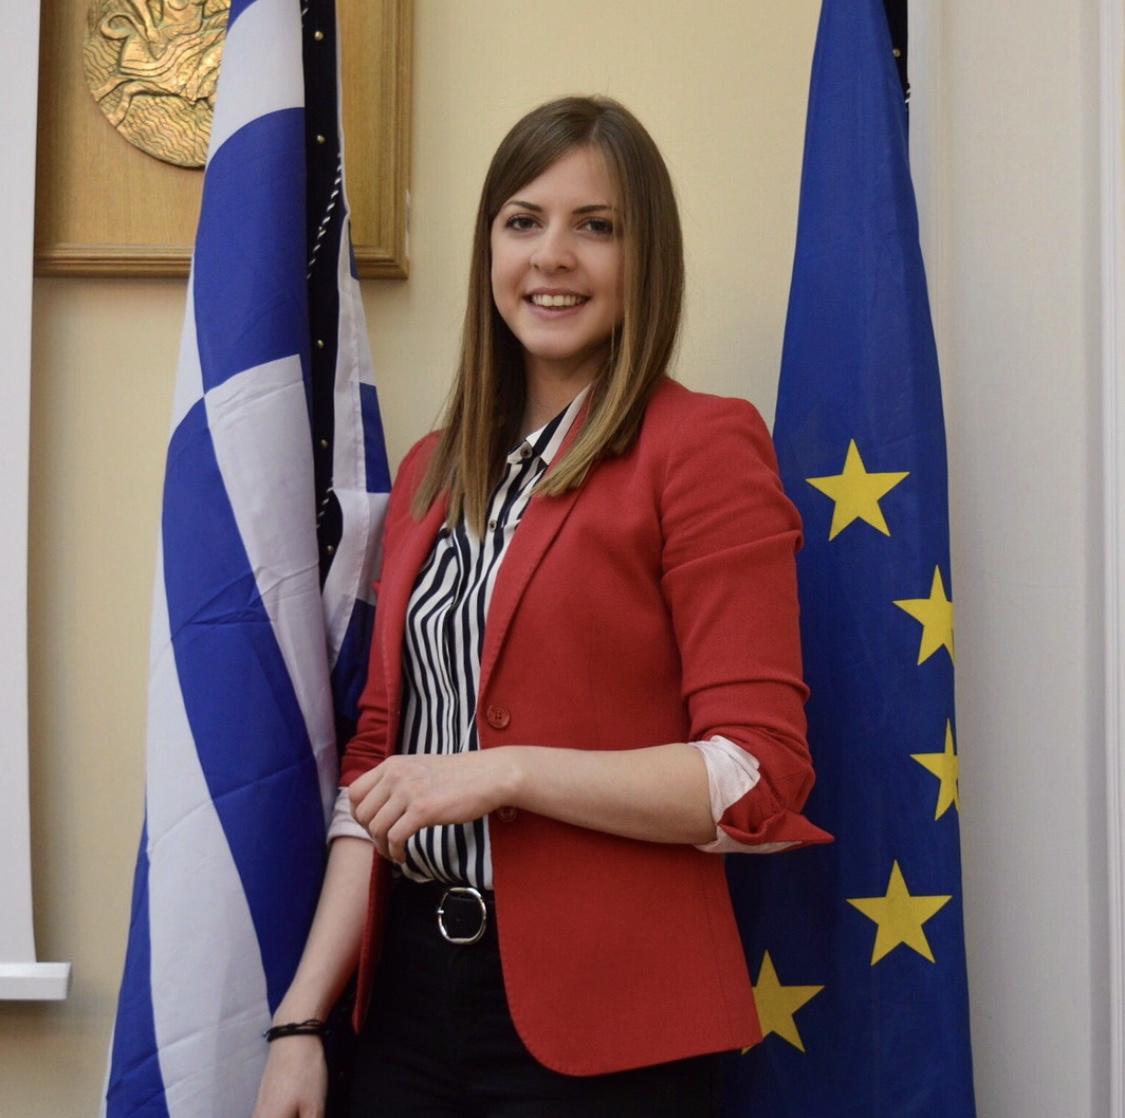 Μαρία Αρναουτάκη